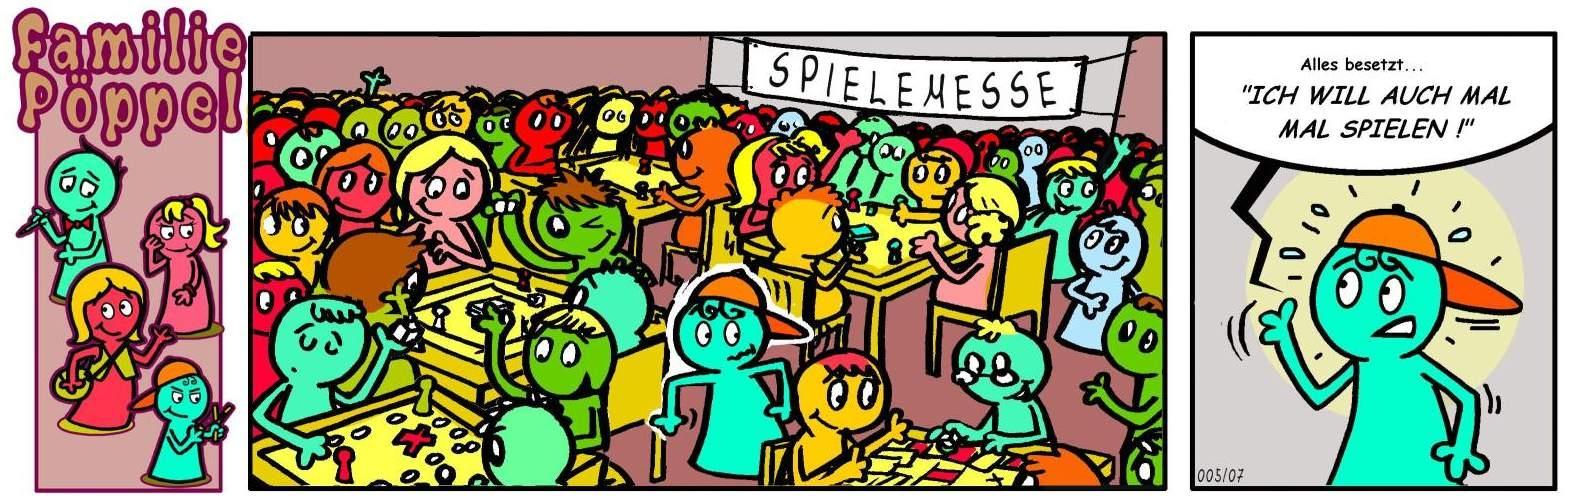 SPIELEKATEGORIEN